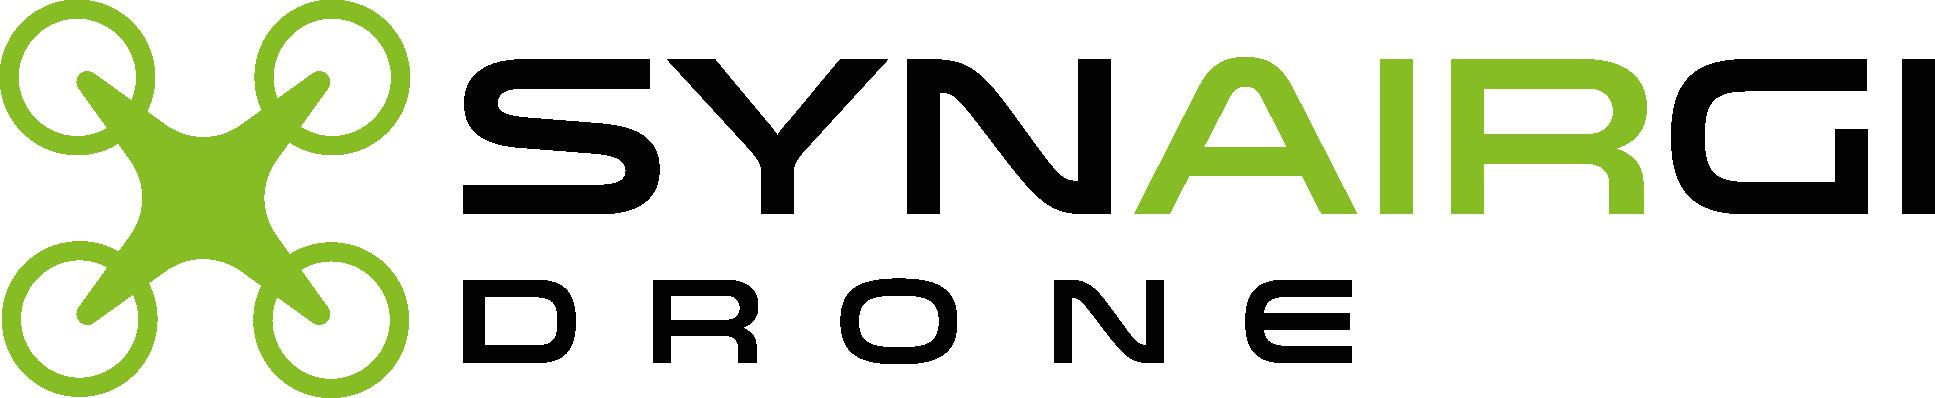 Pilotage de drones pour prises de vue aériennes dans les domaines de l'agriculture et des carrières - Synairgidrone - Orléans 45 Loiret